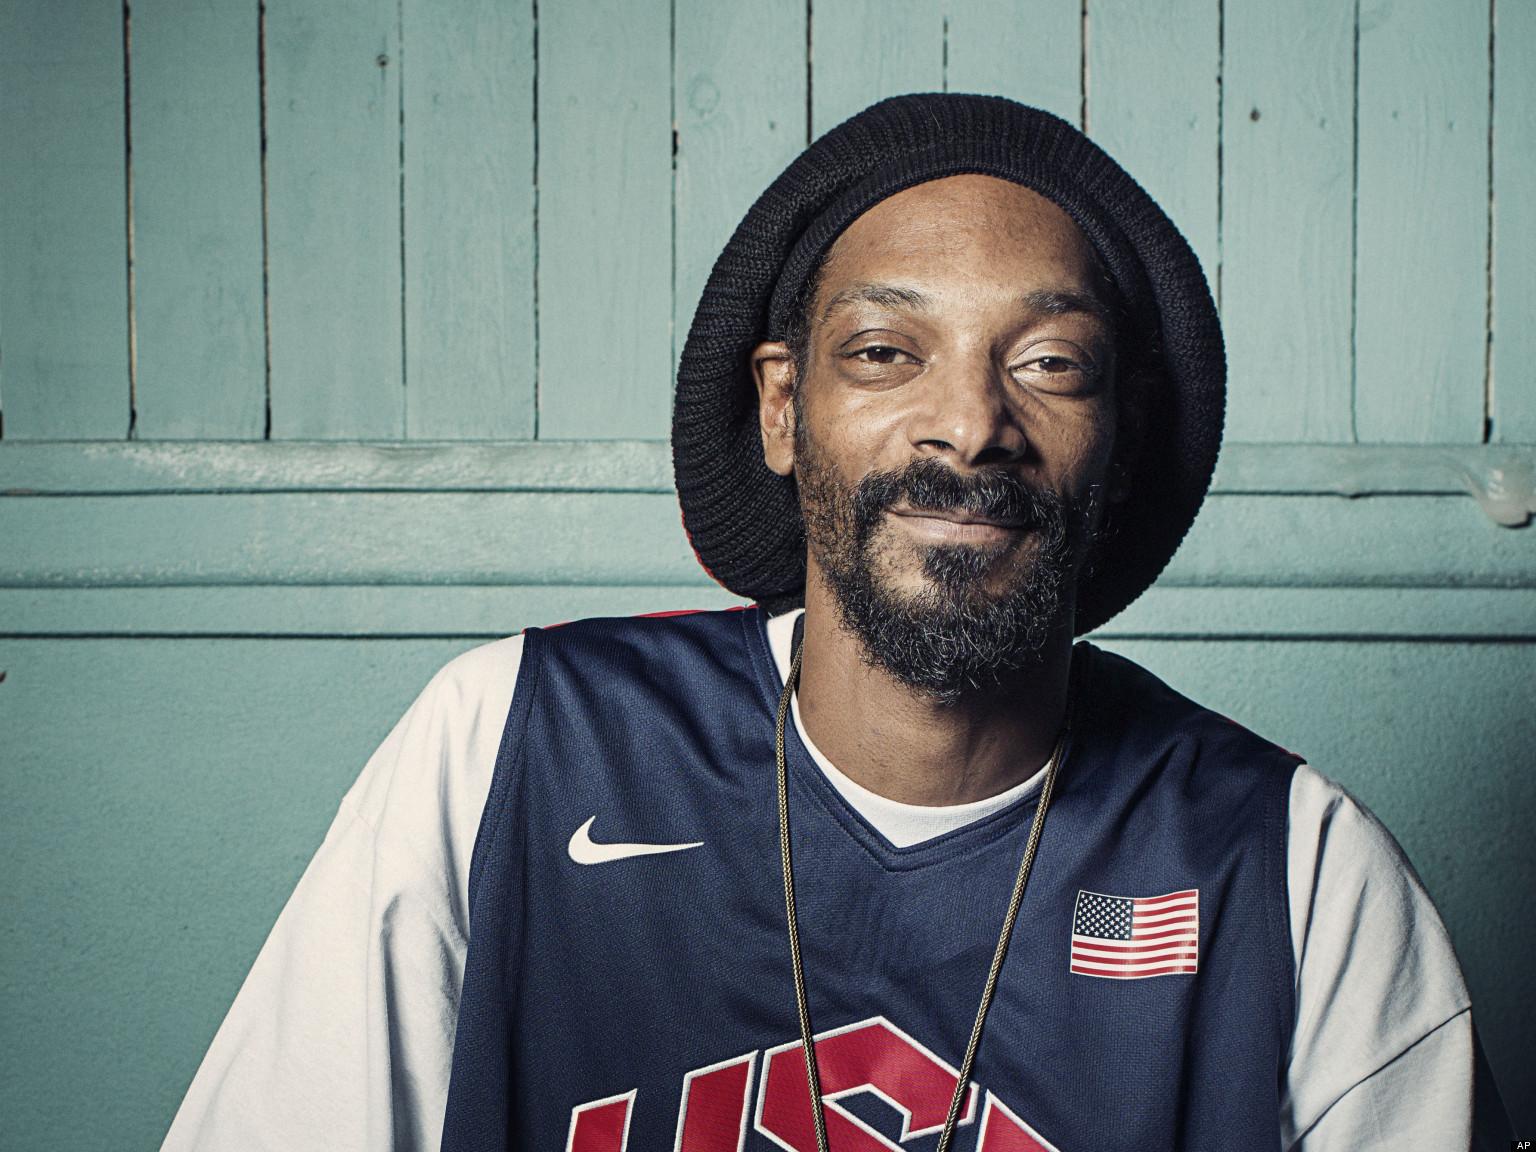 Cosas que quizá no sabías de Snoop Dogg - Música - Música